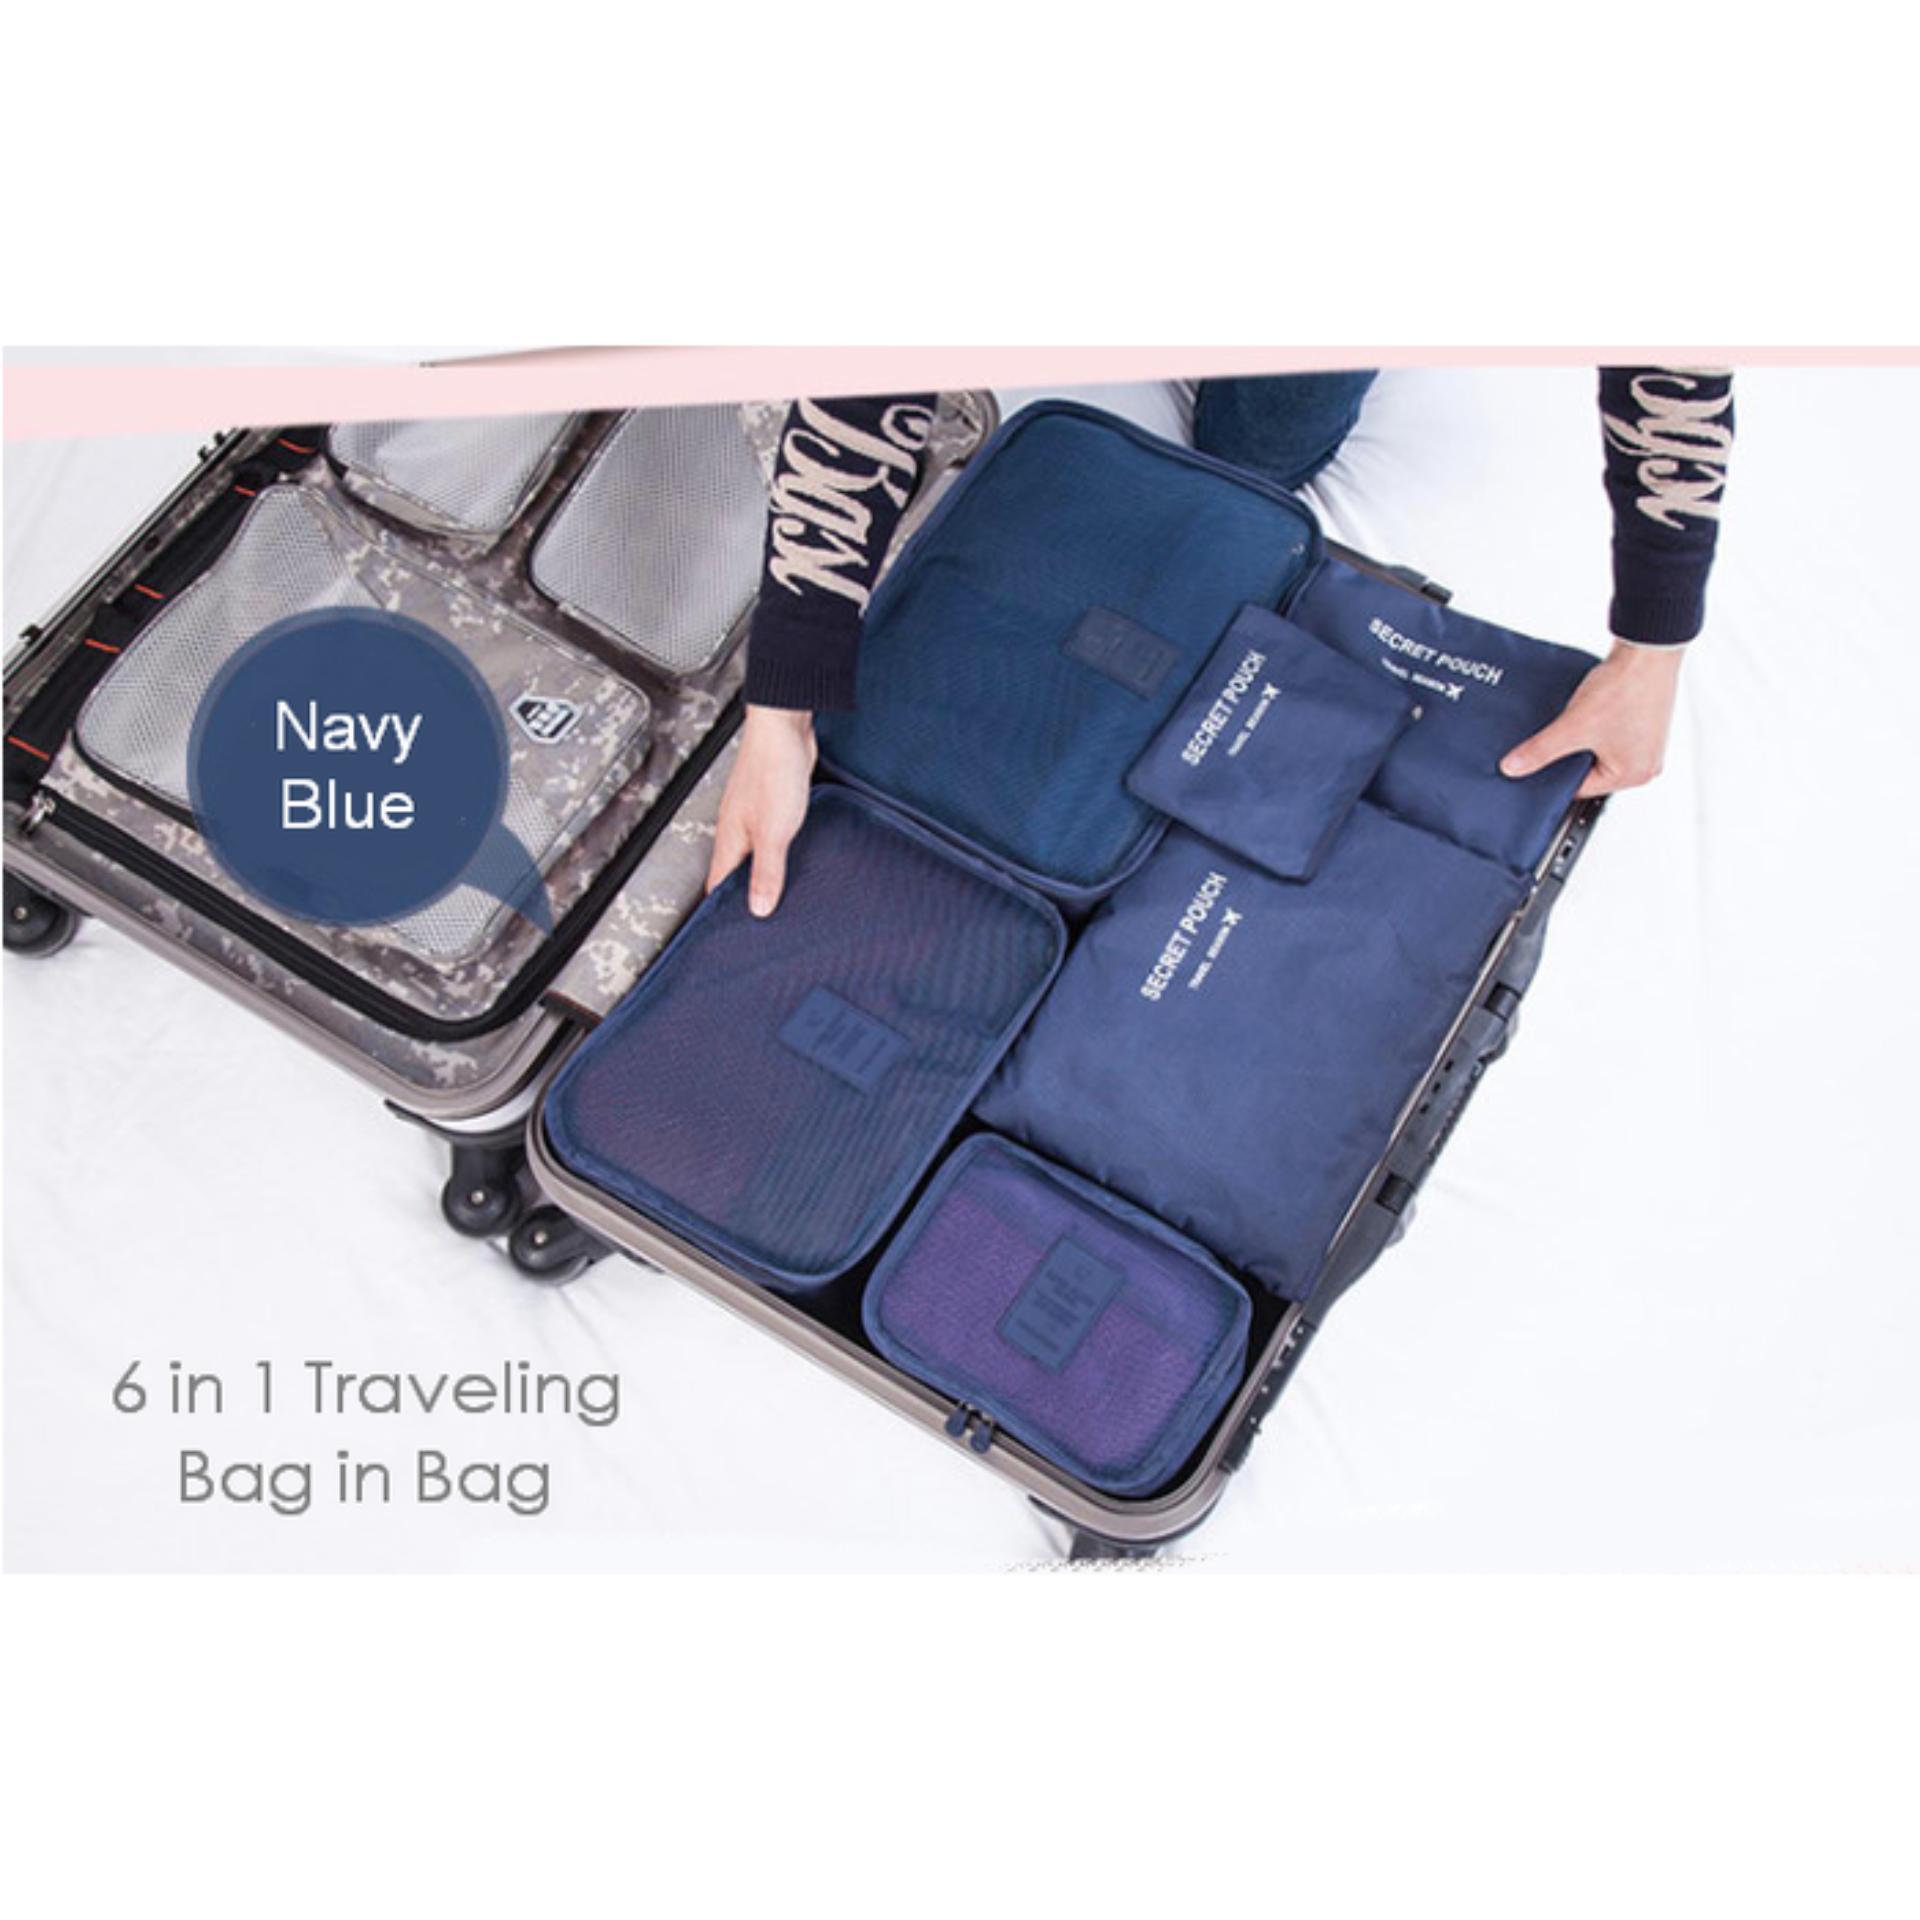 kirim random sesuai barang yang ready Anabelle New 6 In 1 Korean Travel Bag In Bag (1 Set Isi 6 Pcs